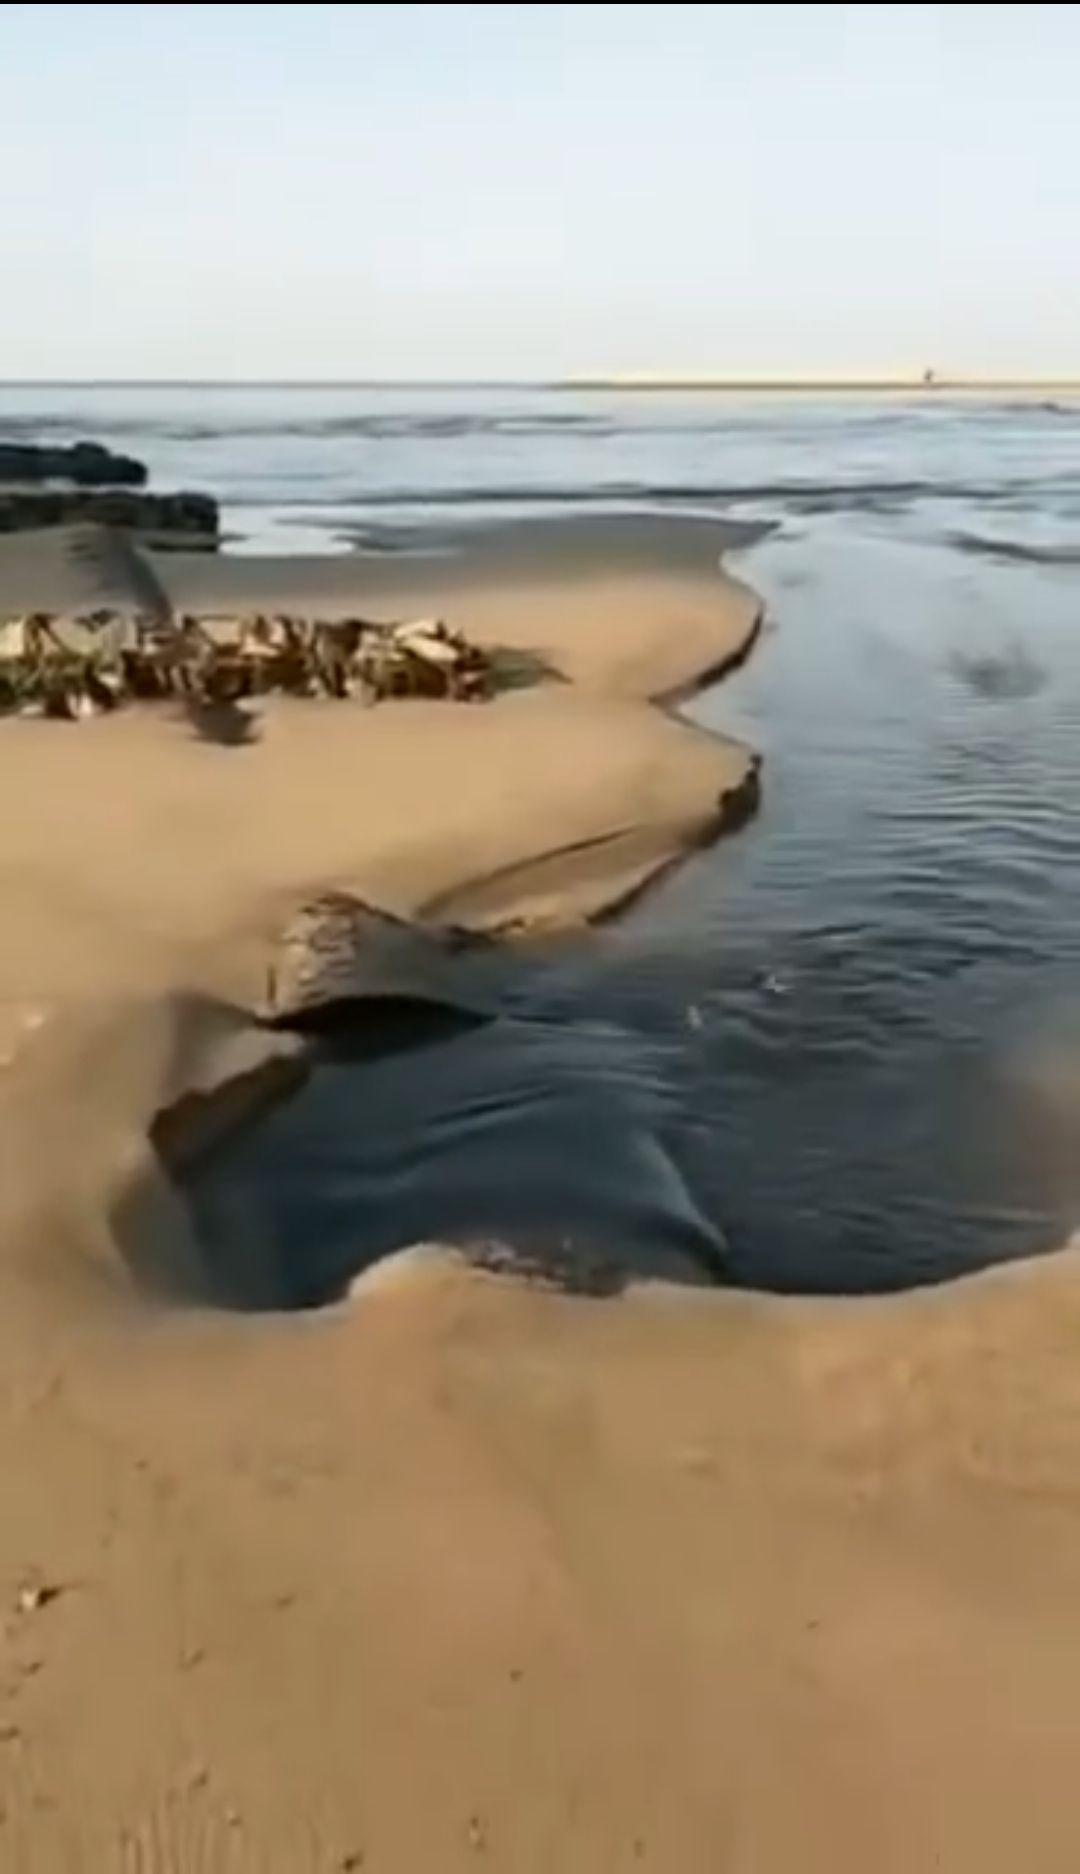 黑色污水流入大海。 视频截图